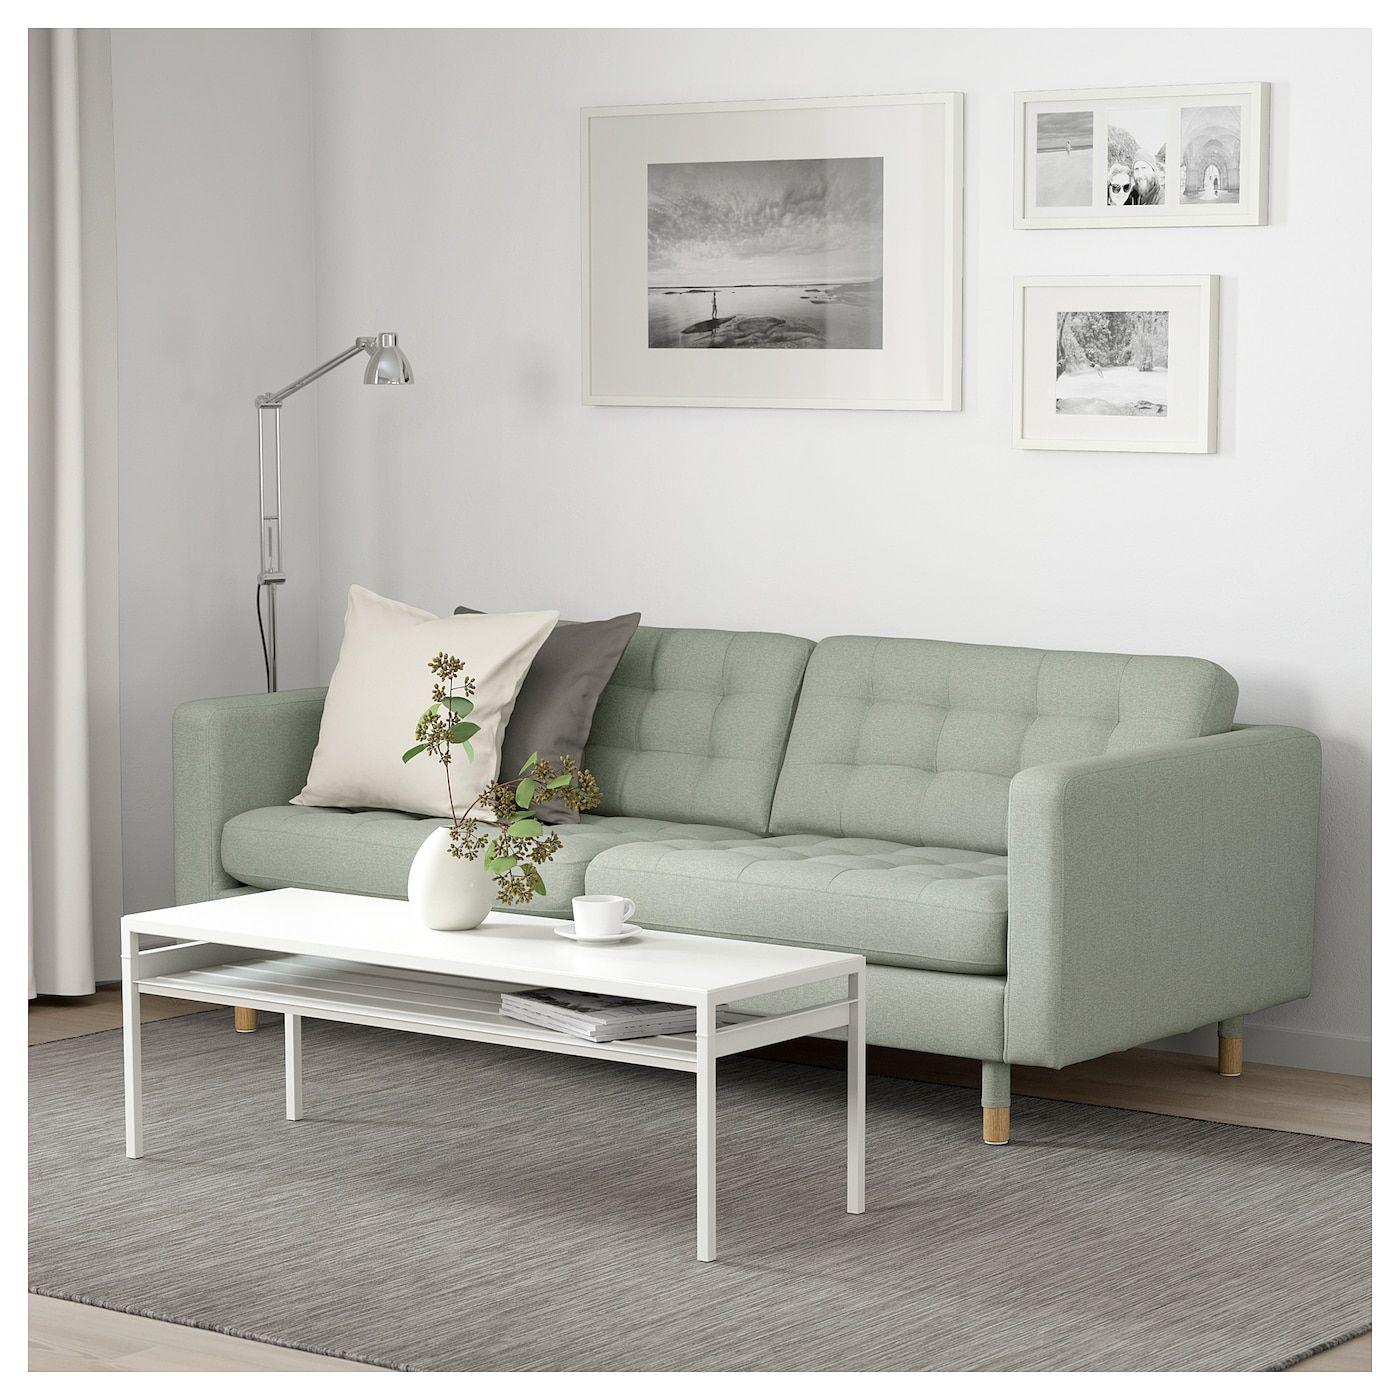 Landskrona 3er Sofa Gunnared Hellgrun Jetzt Kaufen Ikea Deutschland 2er Sofa Wohnzimmer Design Kleines Sofa